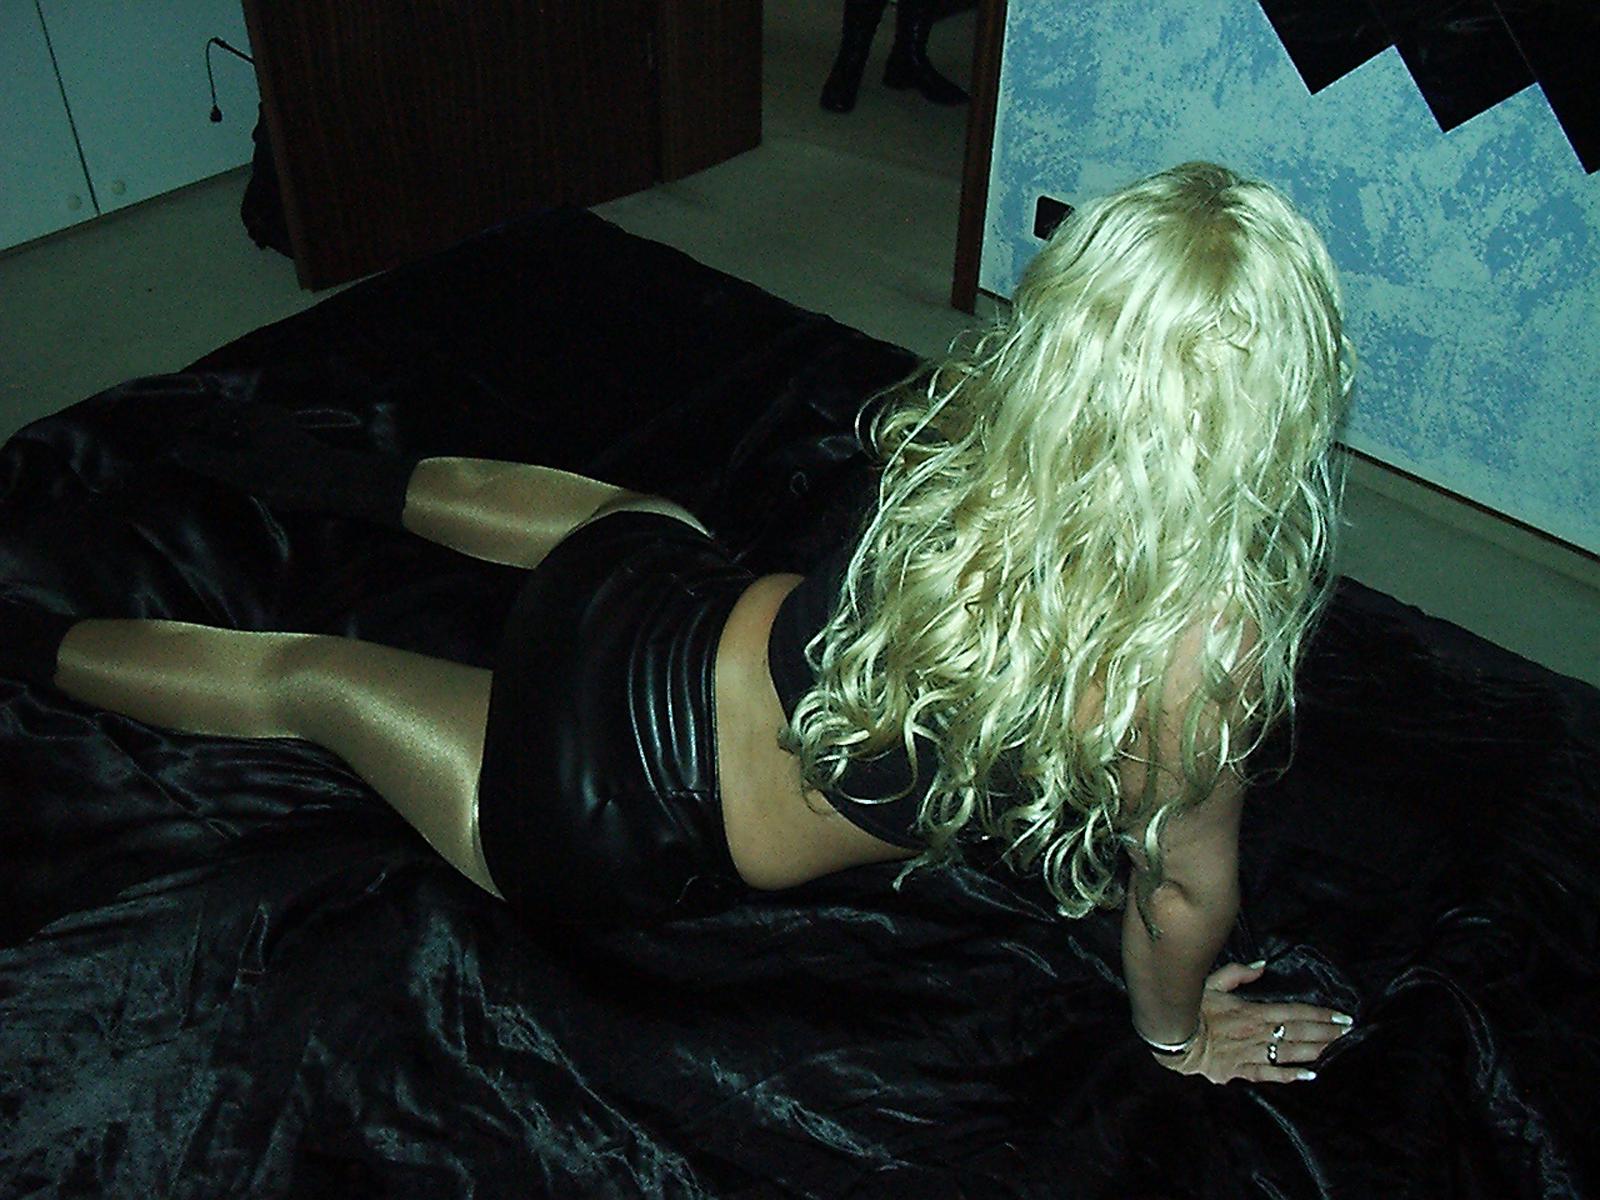 Strohblonde Blondine mit dem Rücken zur Kamera liegt auf dem Bett